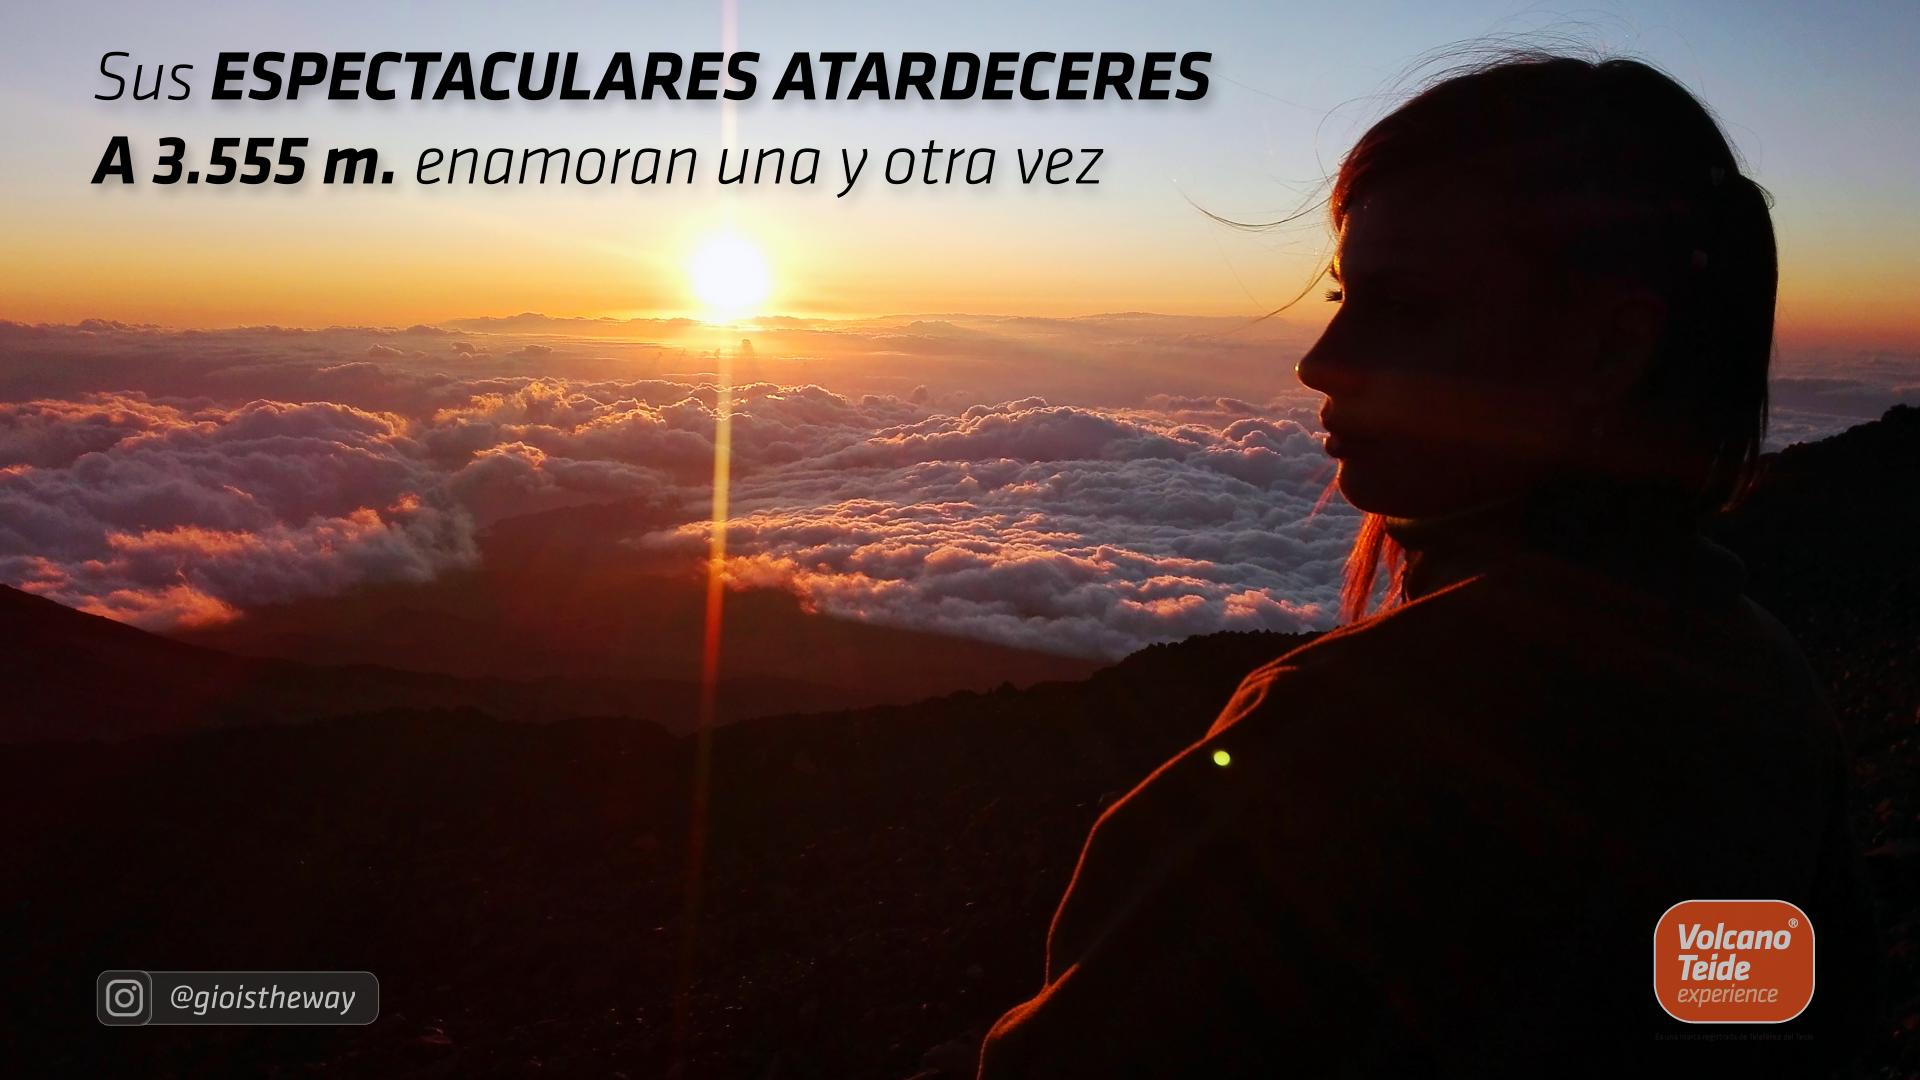 Noche romántica en Tenerife: planes bajo las estrellas